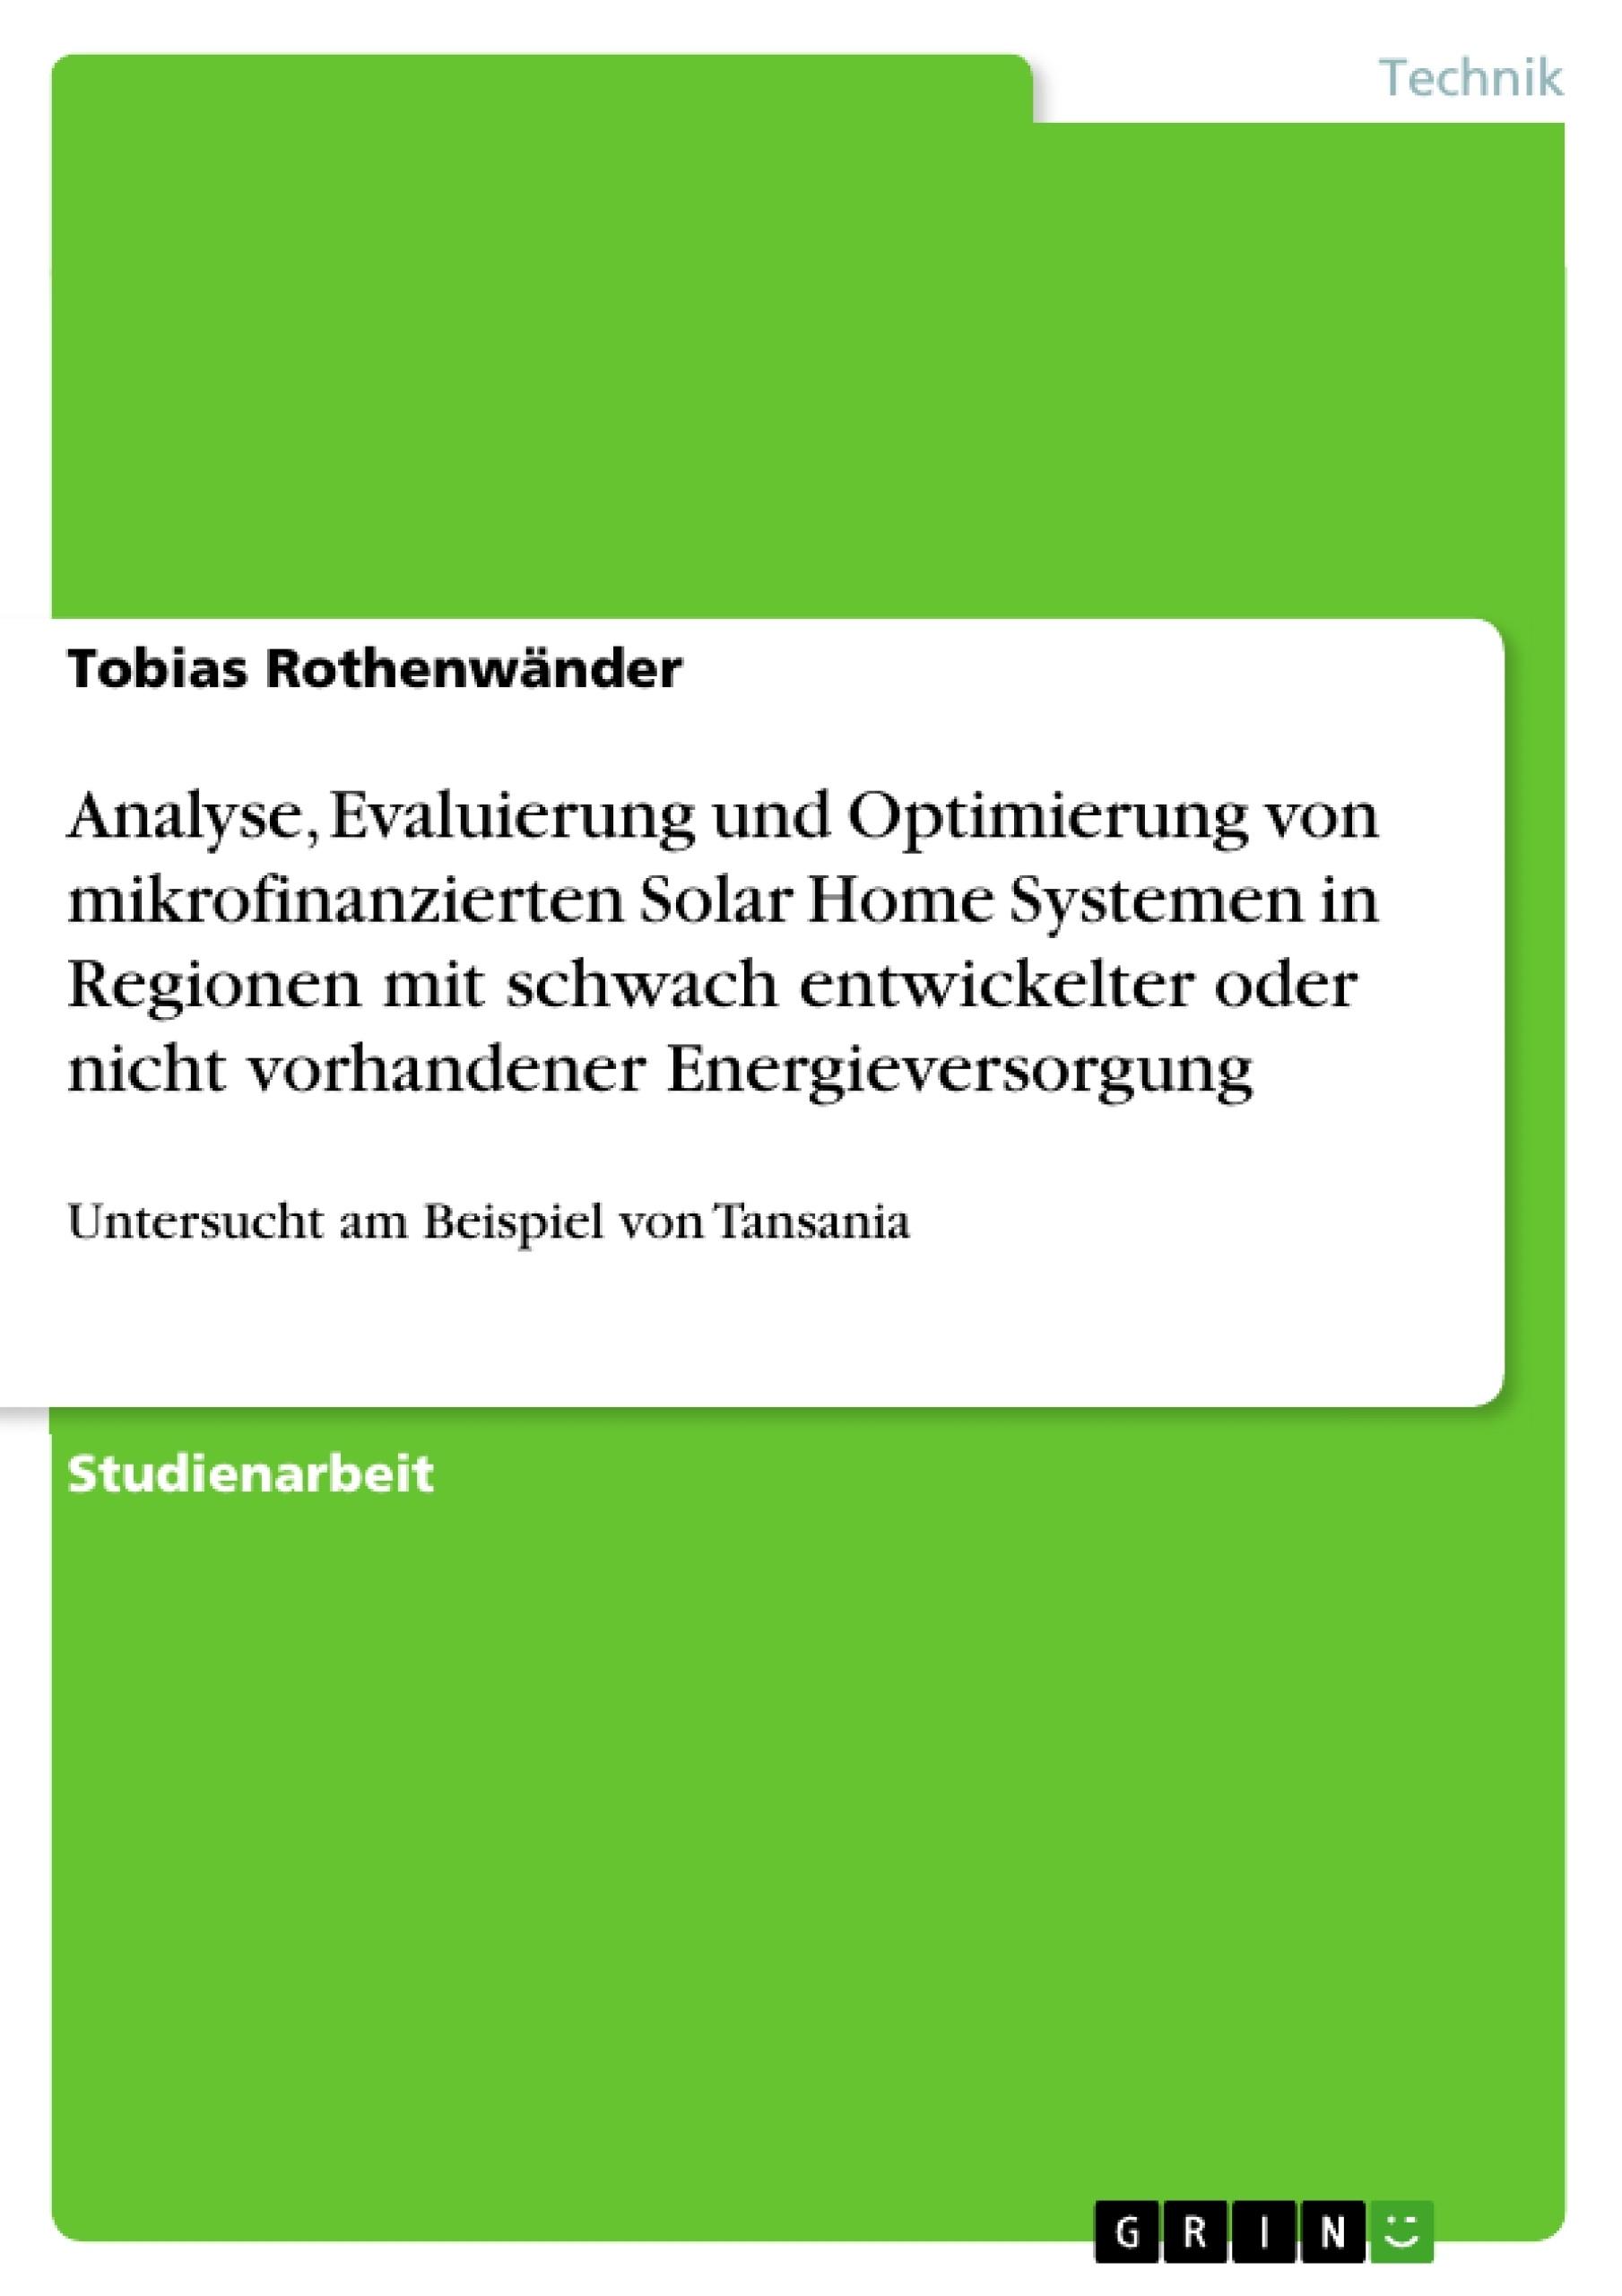 Titel: Analyse, Evaluierung und Optimierung von mikrofinanzierten Solar Home Systemen in Regionen mit schwach entwickelter oder nicht vorhandener Energieversorgung